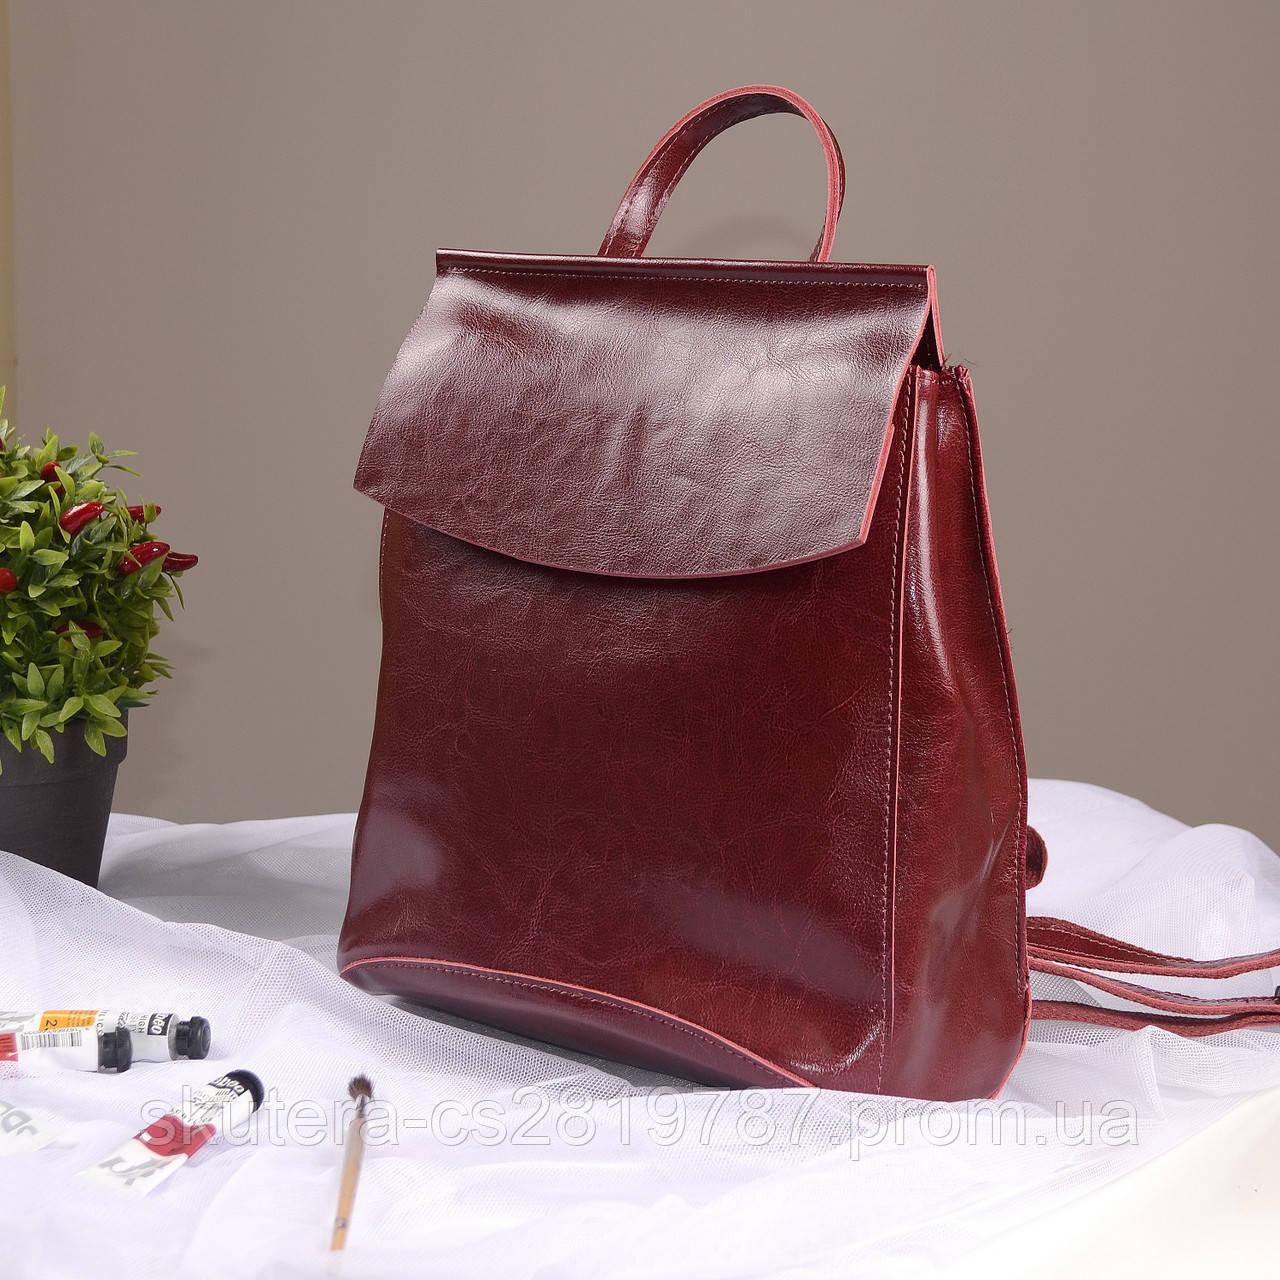 9aaf8368d62a Женский кожаный рюкзак-сумка(трансформер)